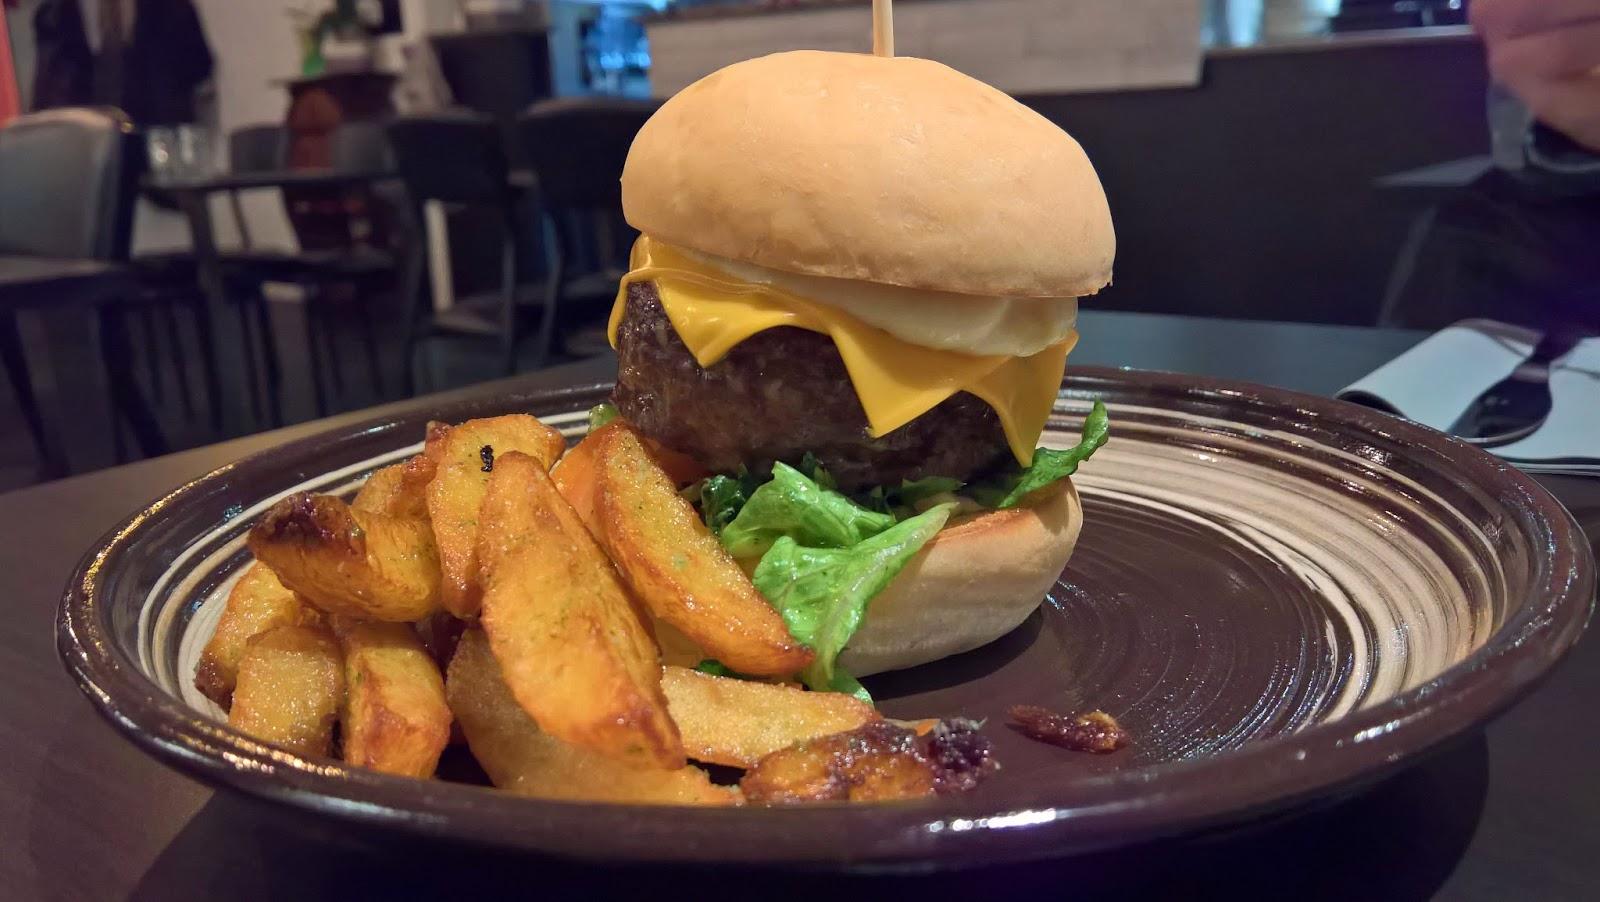 Jyväskylä hampurilaistesti hampurilainen burger mallaspulla ruokablogi lutakko lutakon nurkka